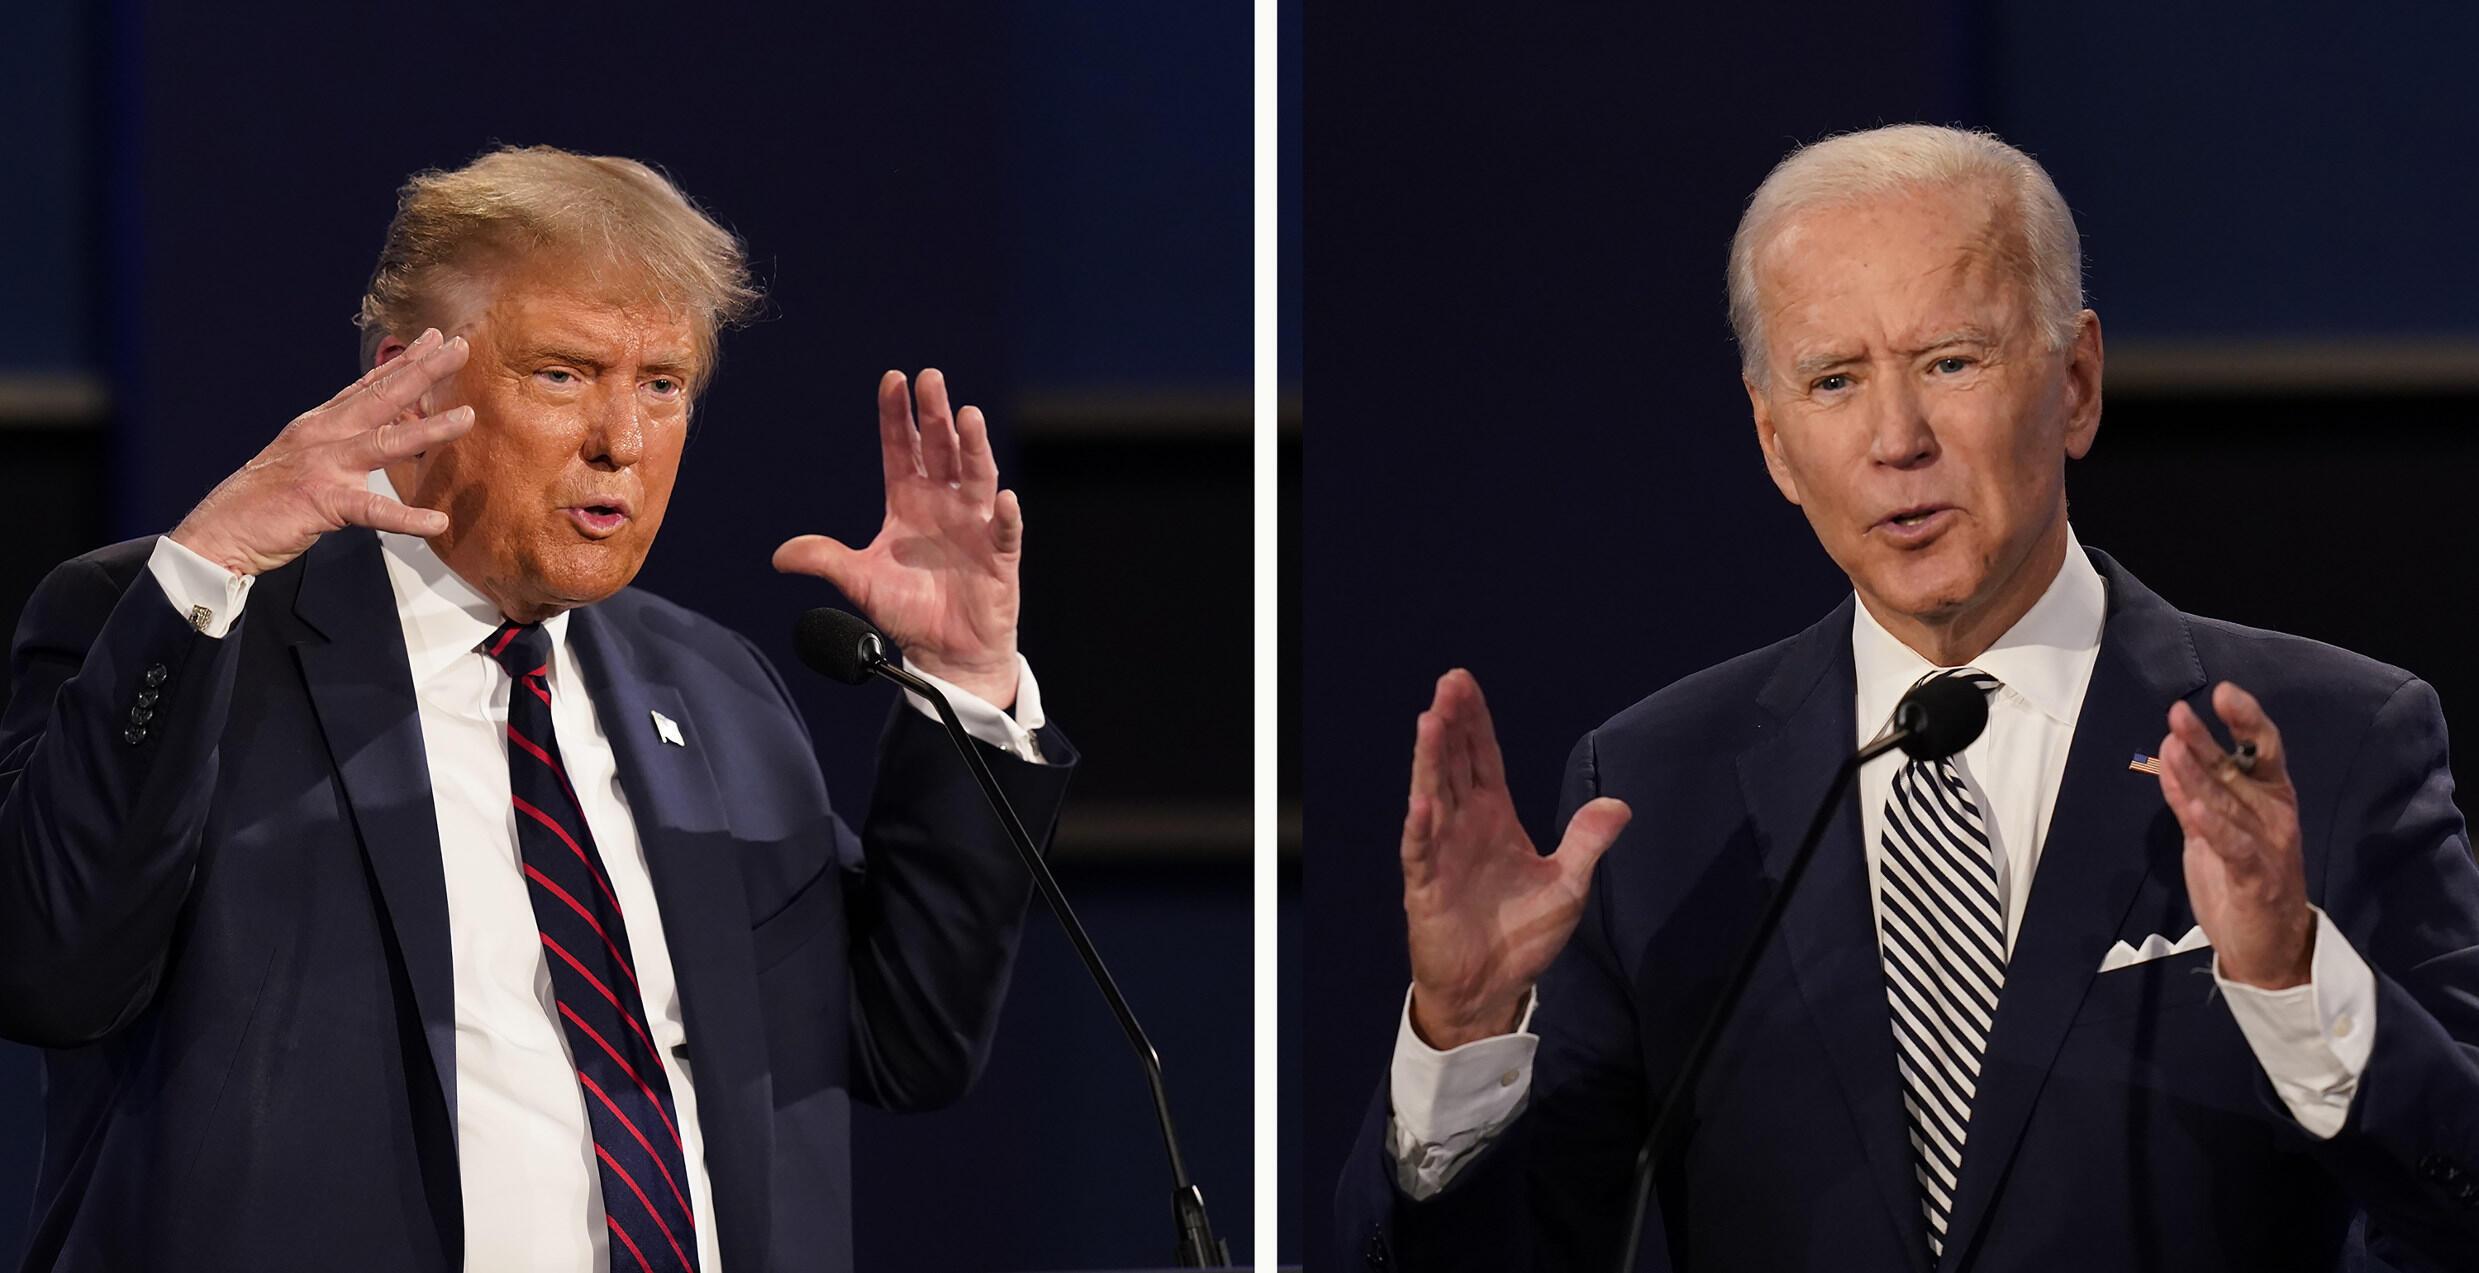 Le président des États-Unis Donald Trump, à gauche, et l'ancien vice-président Joe Biden lors du premier débat présidentiel, mardi 29 septembre 2020, à la Case Western University et à la Cleveland Clinic, à Cleveland, Ohio.